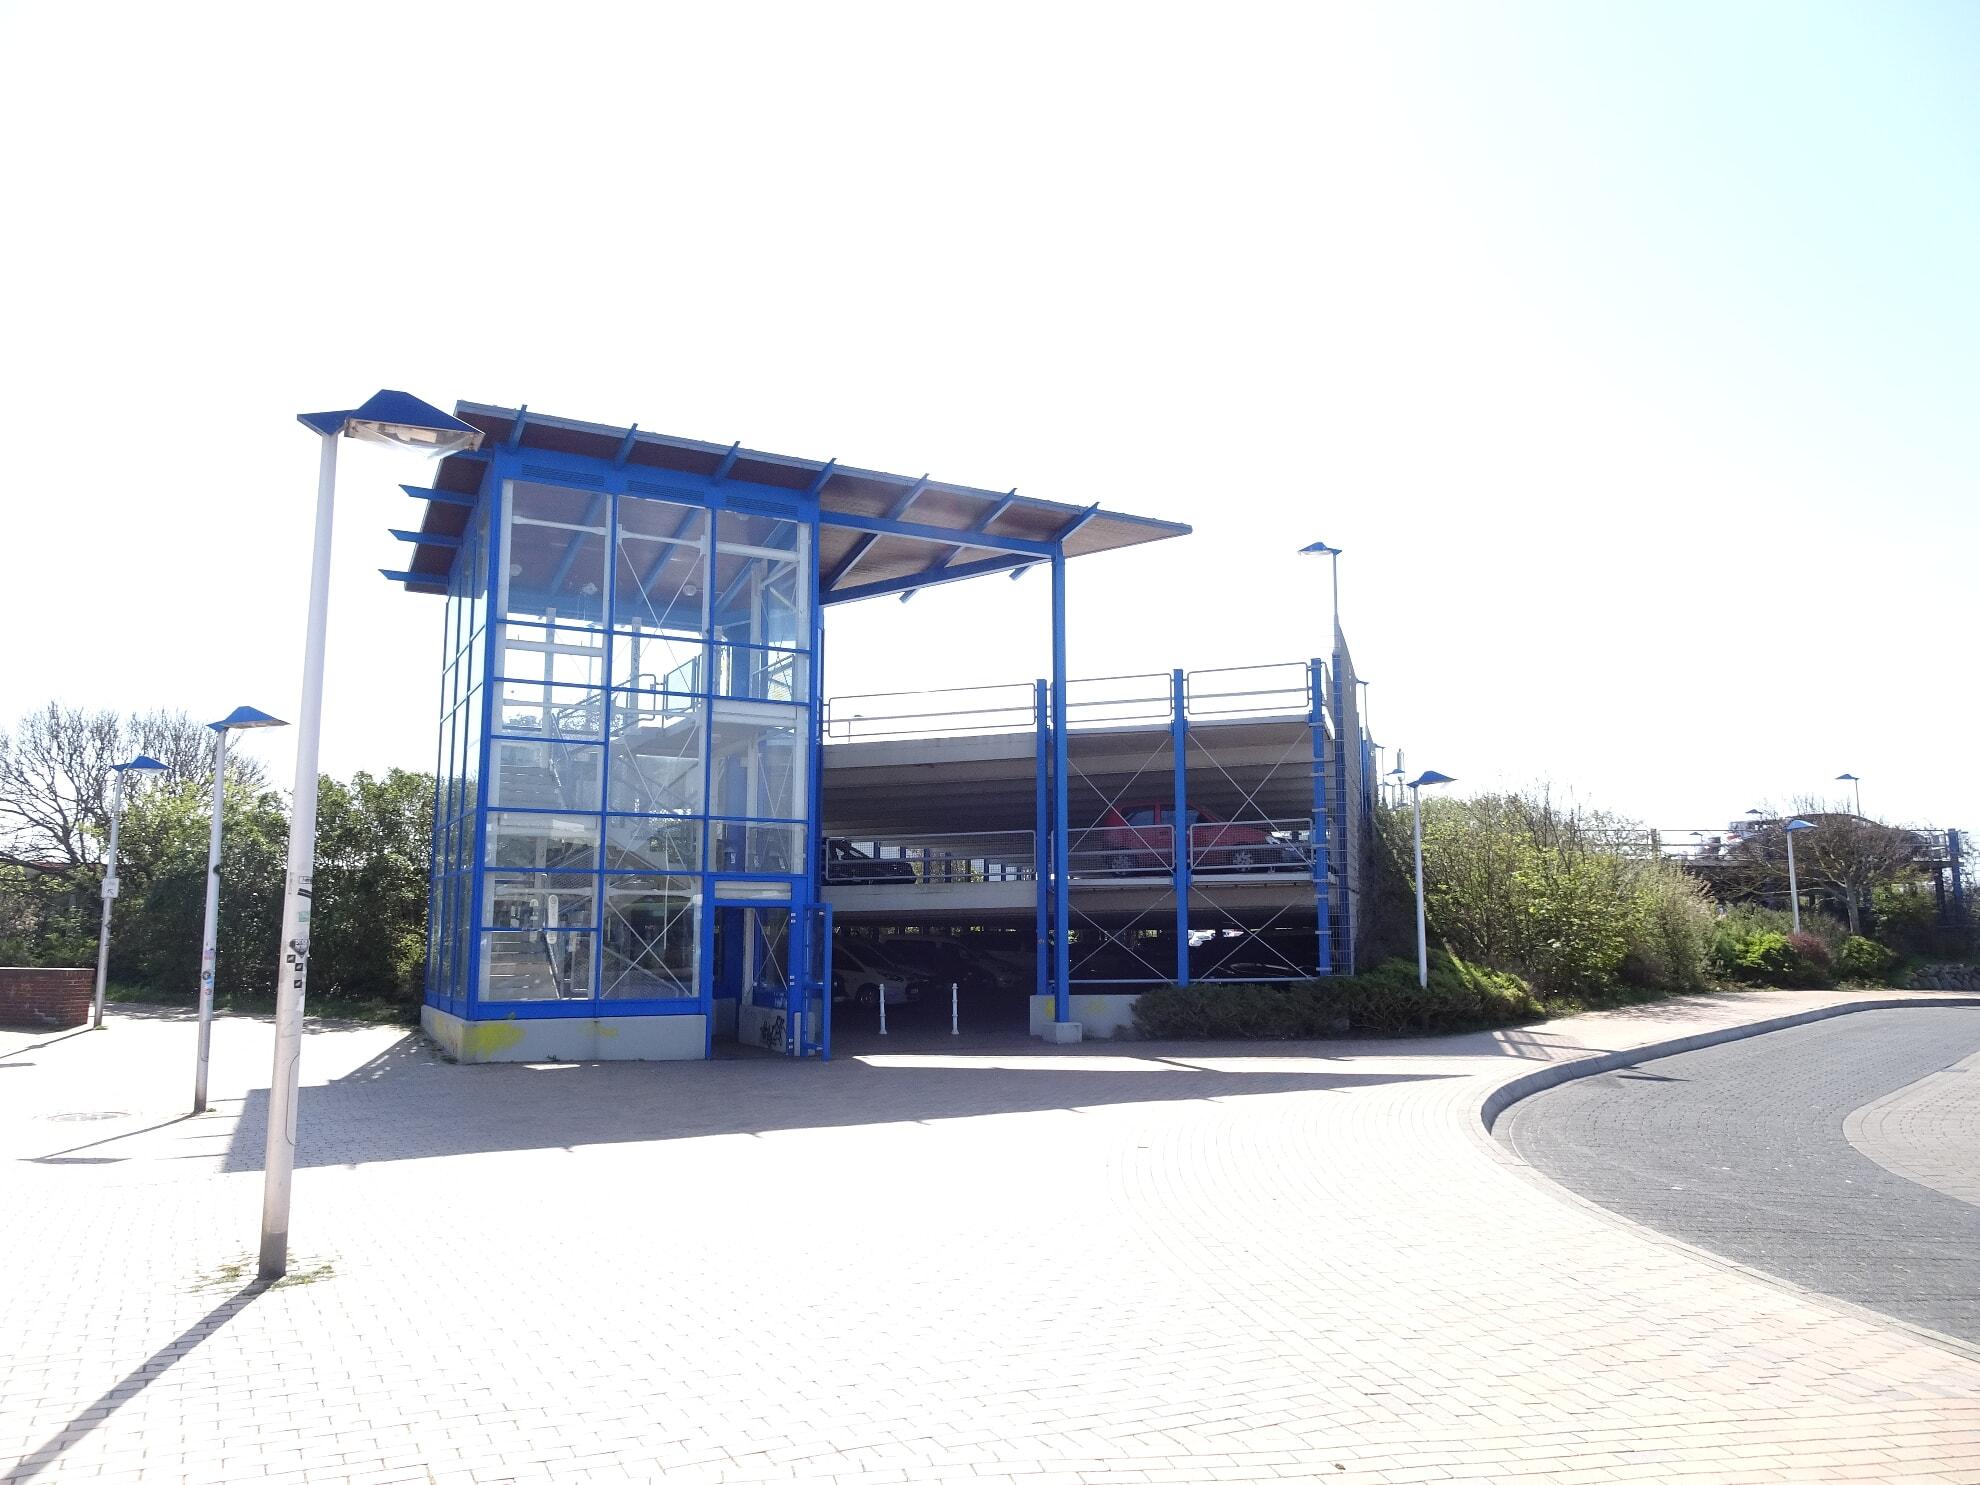 Parkhaus am Bahnhof